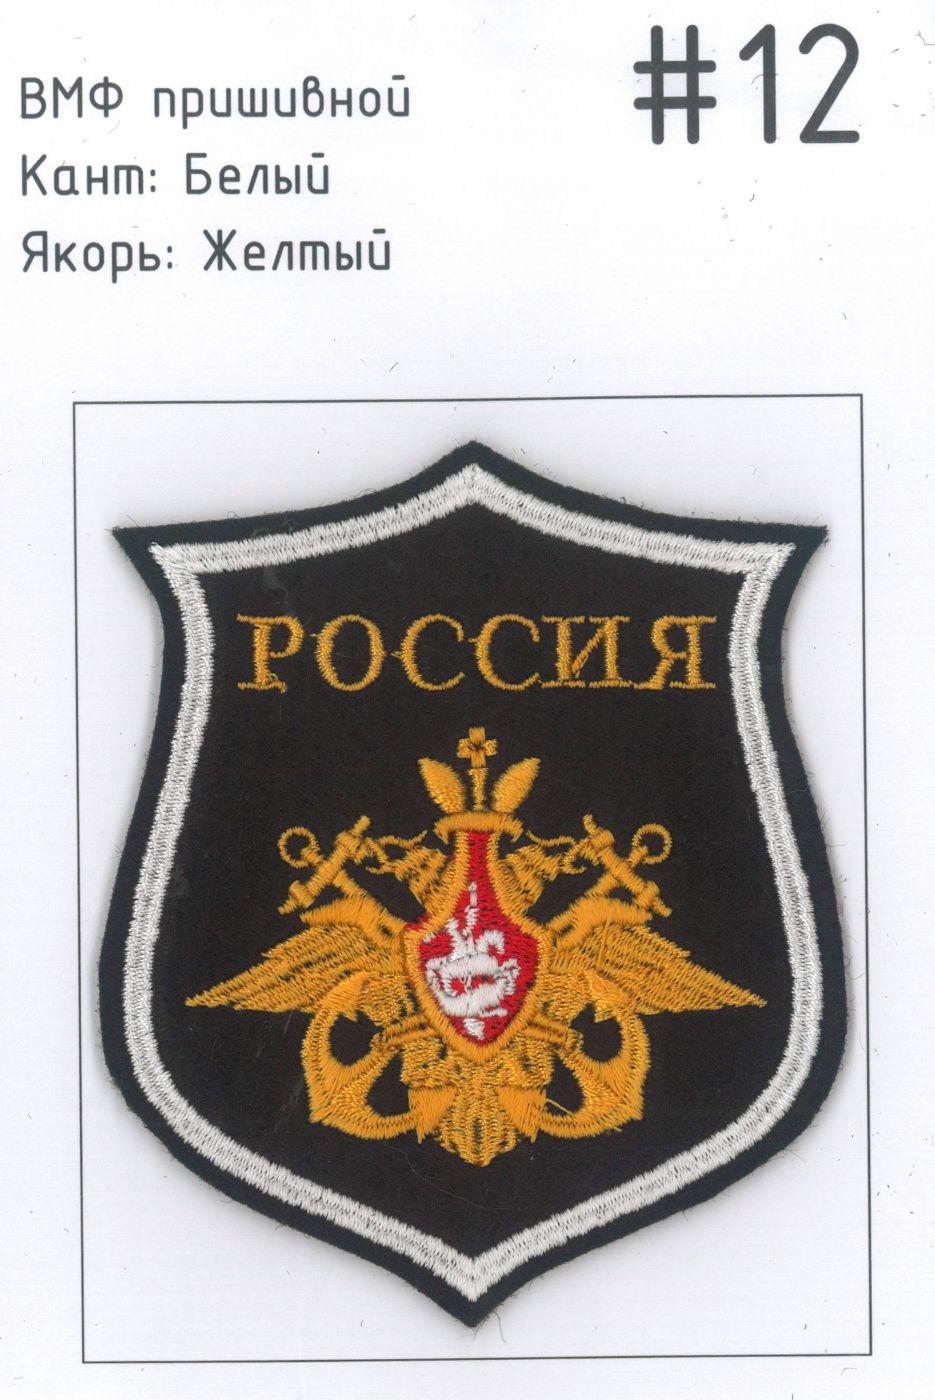 Шеврон ВМФ пришивной (Тюльпан).